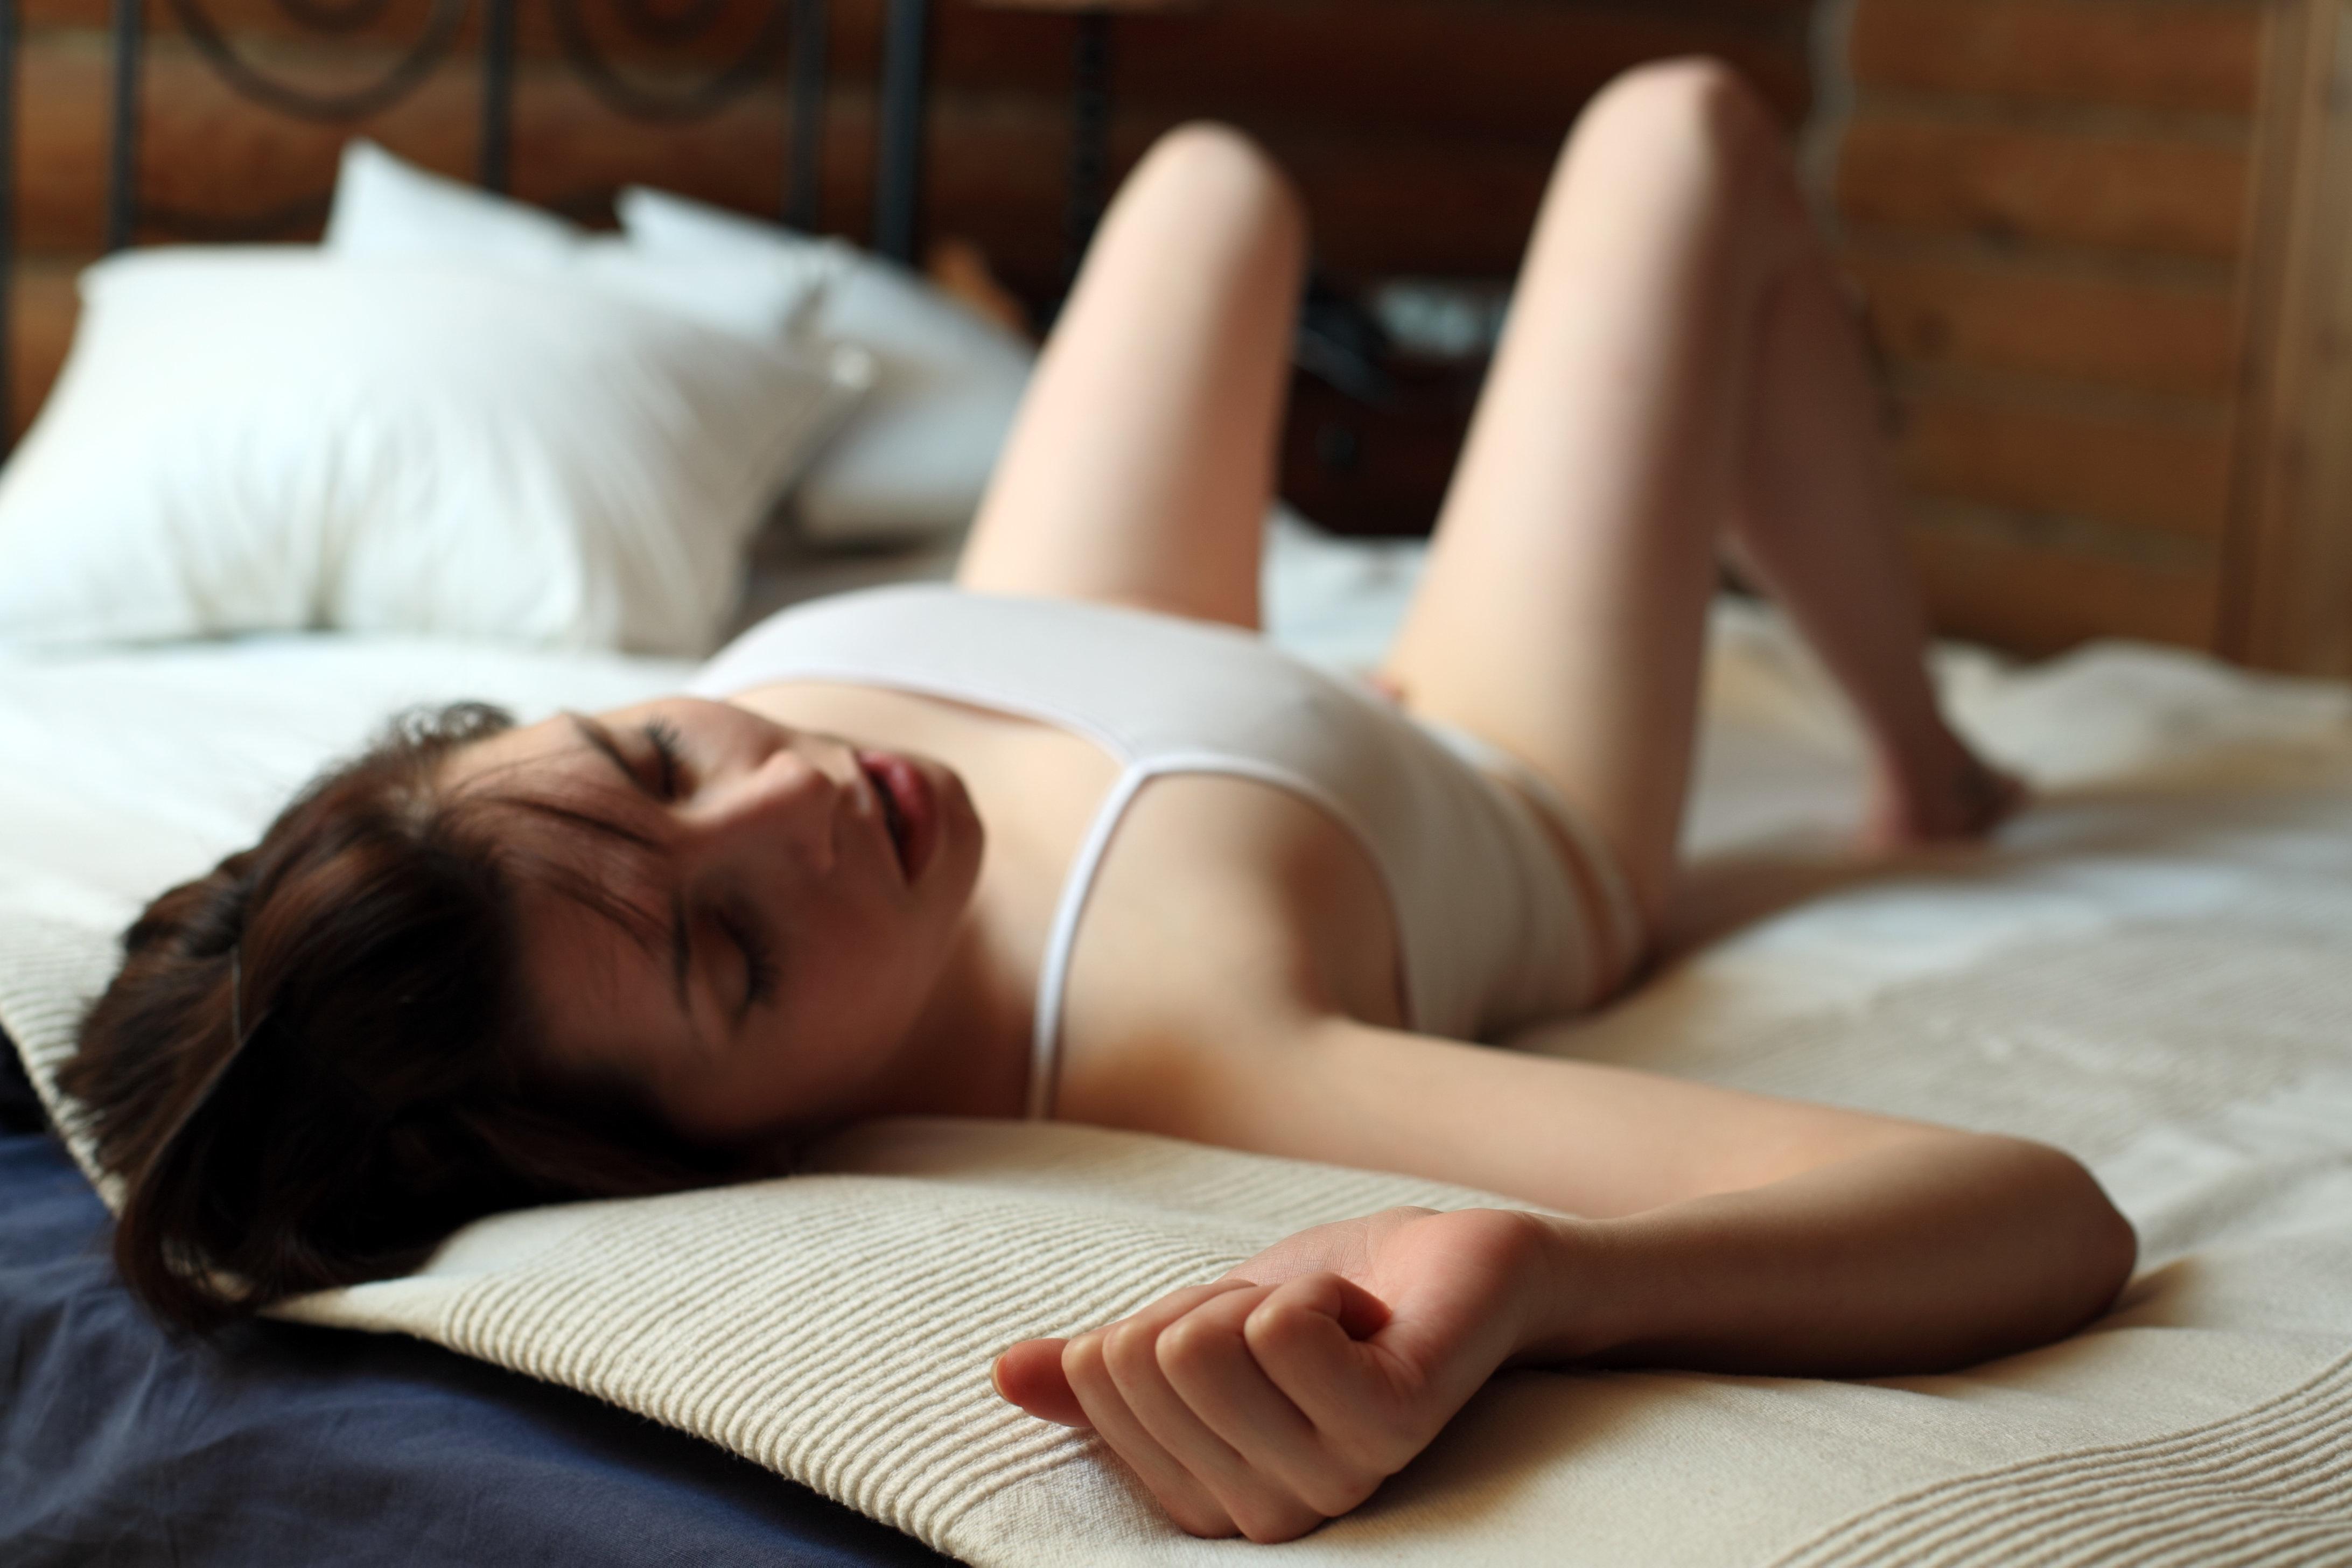 Weibliche Masturbation Orgasmen